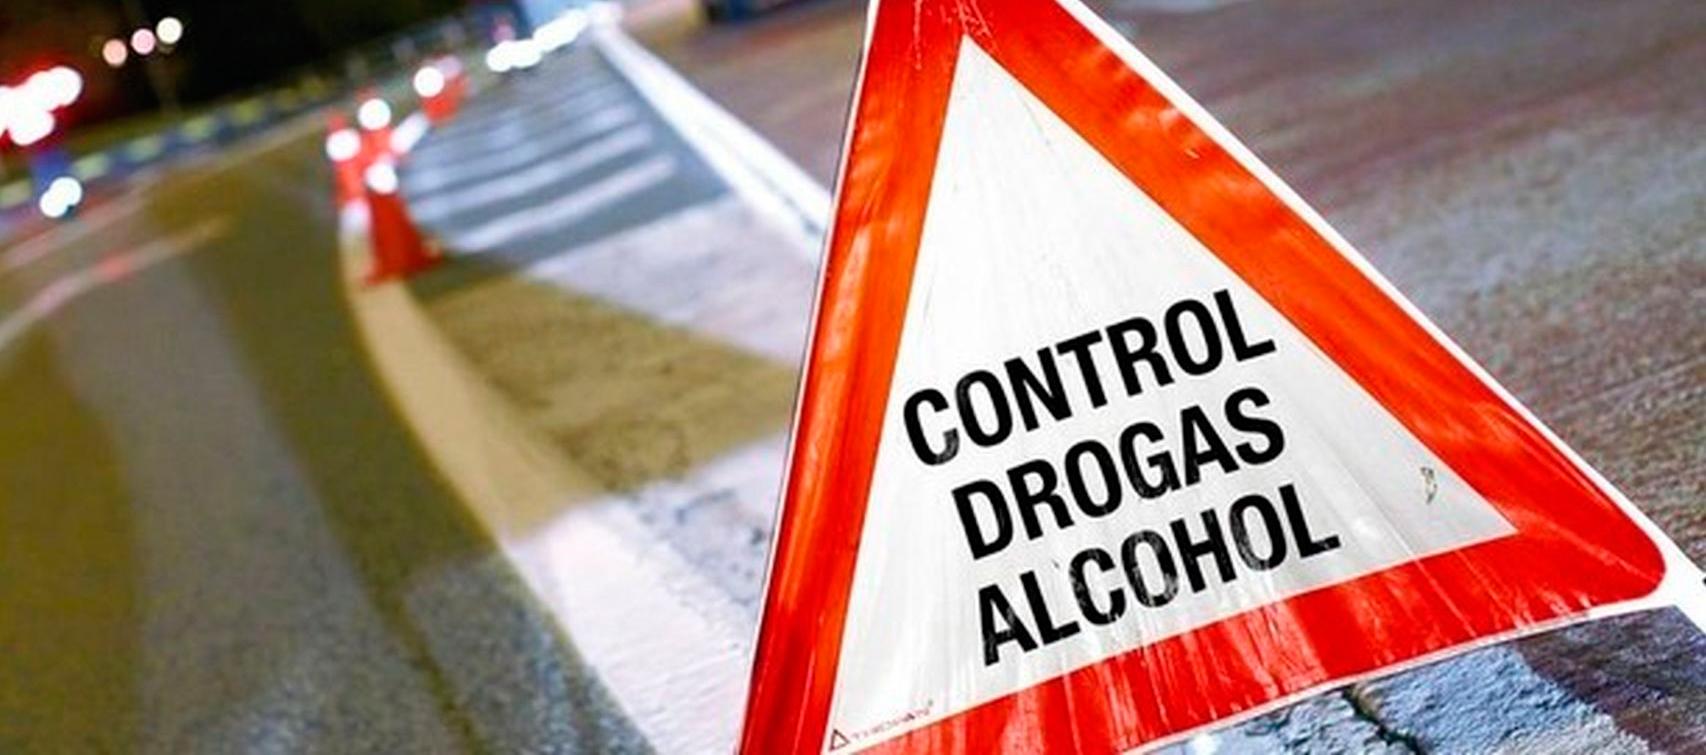 Más de 470 conductores al volante y al día han consumido drogas o alcohol